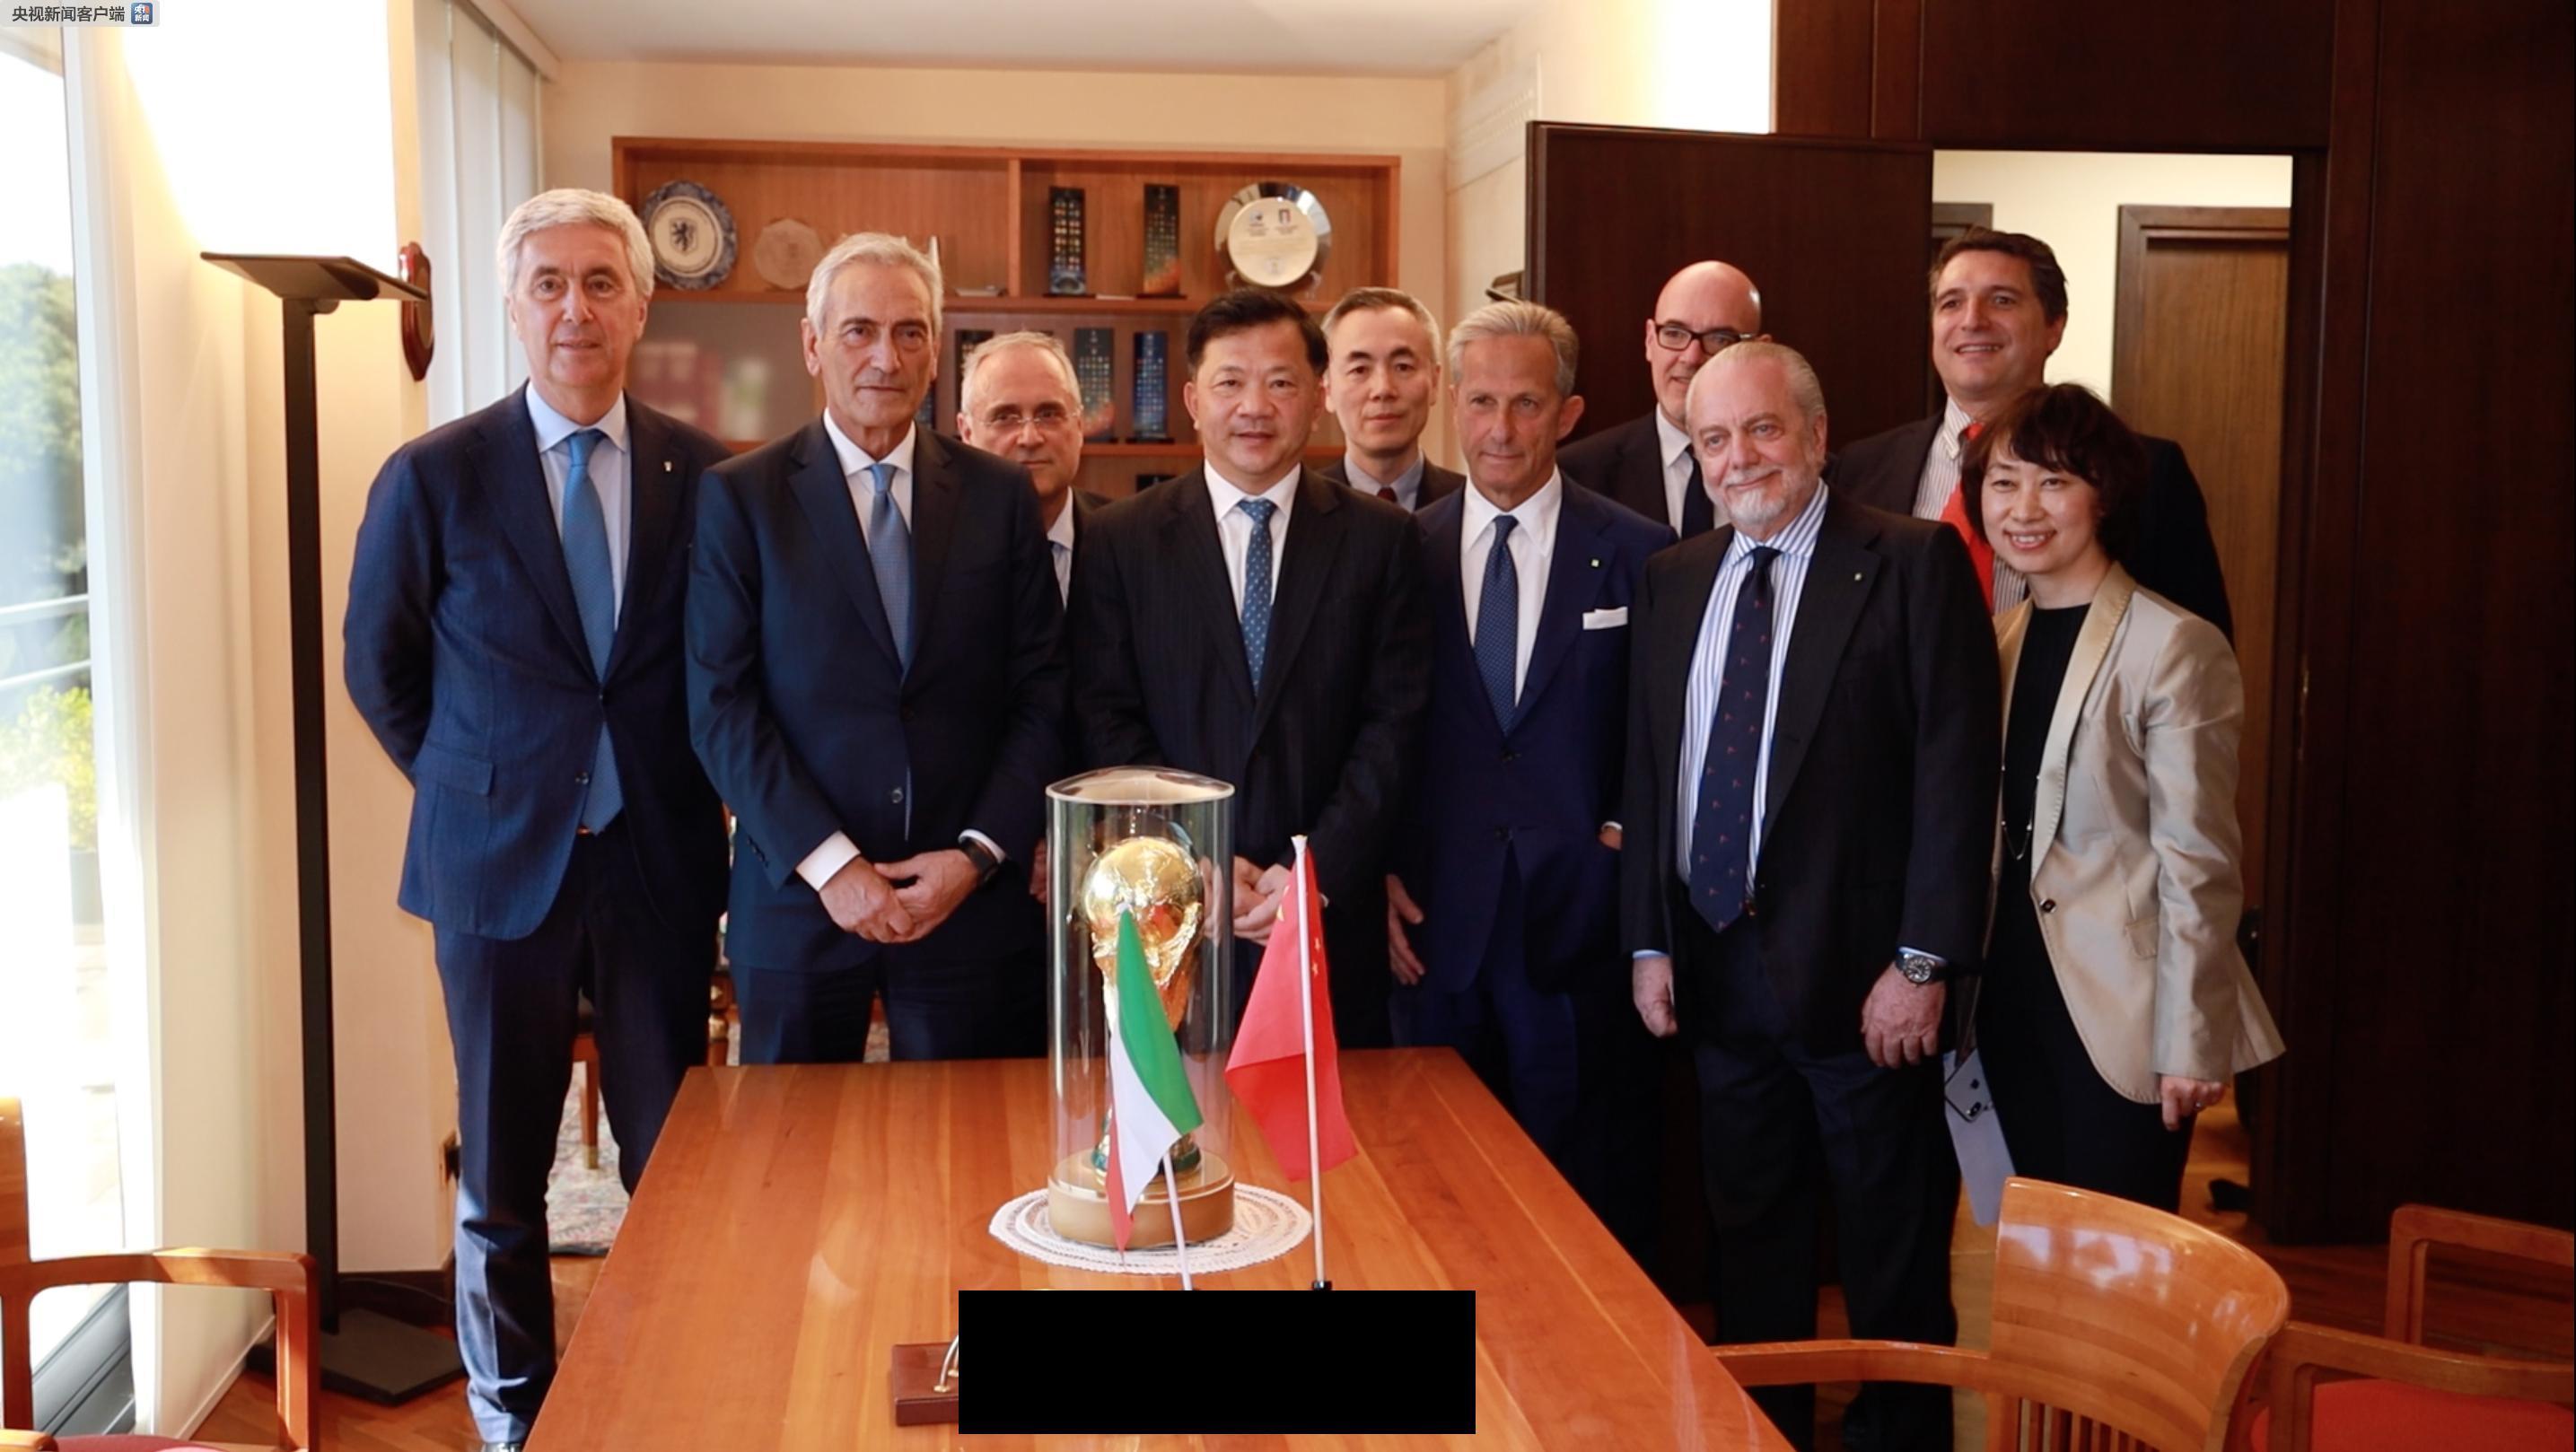 中央廣播電視總臺與意大利足球協會簽署合作諒解備忘錄 意甲聯賽可望常態化進入中國